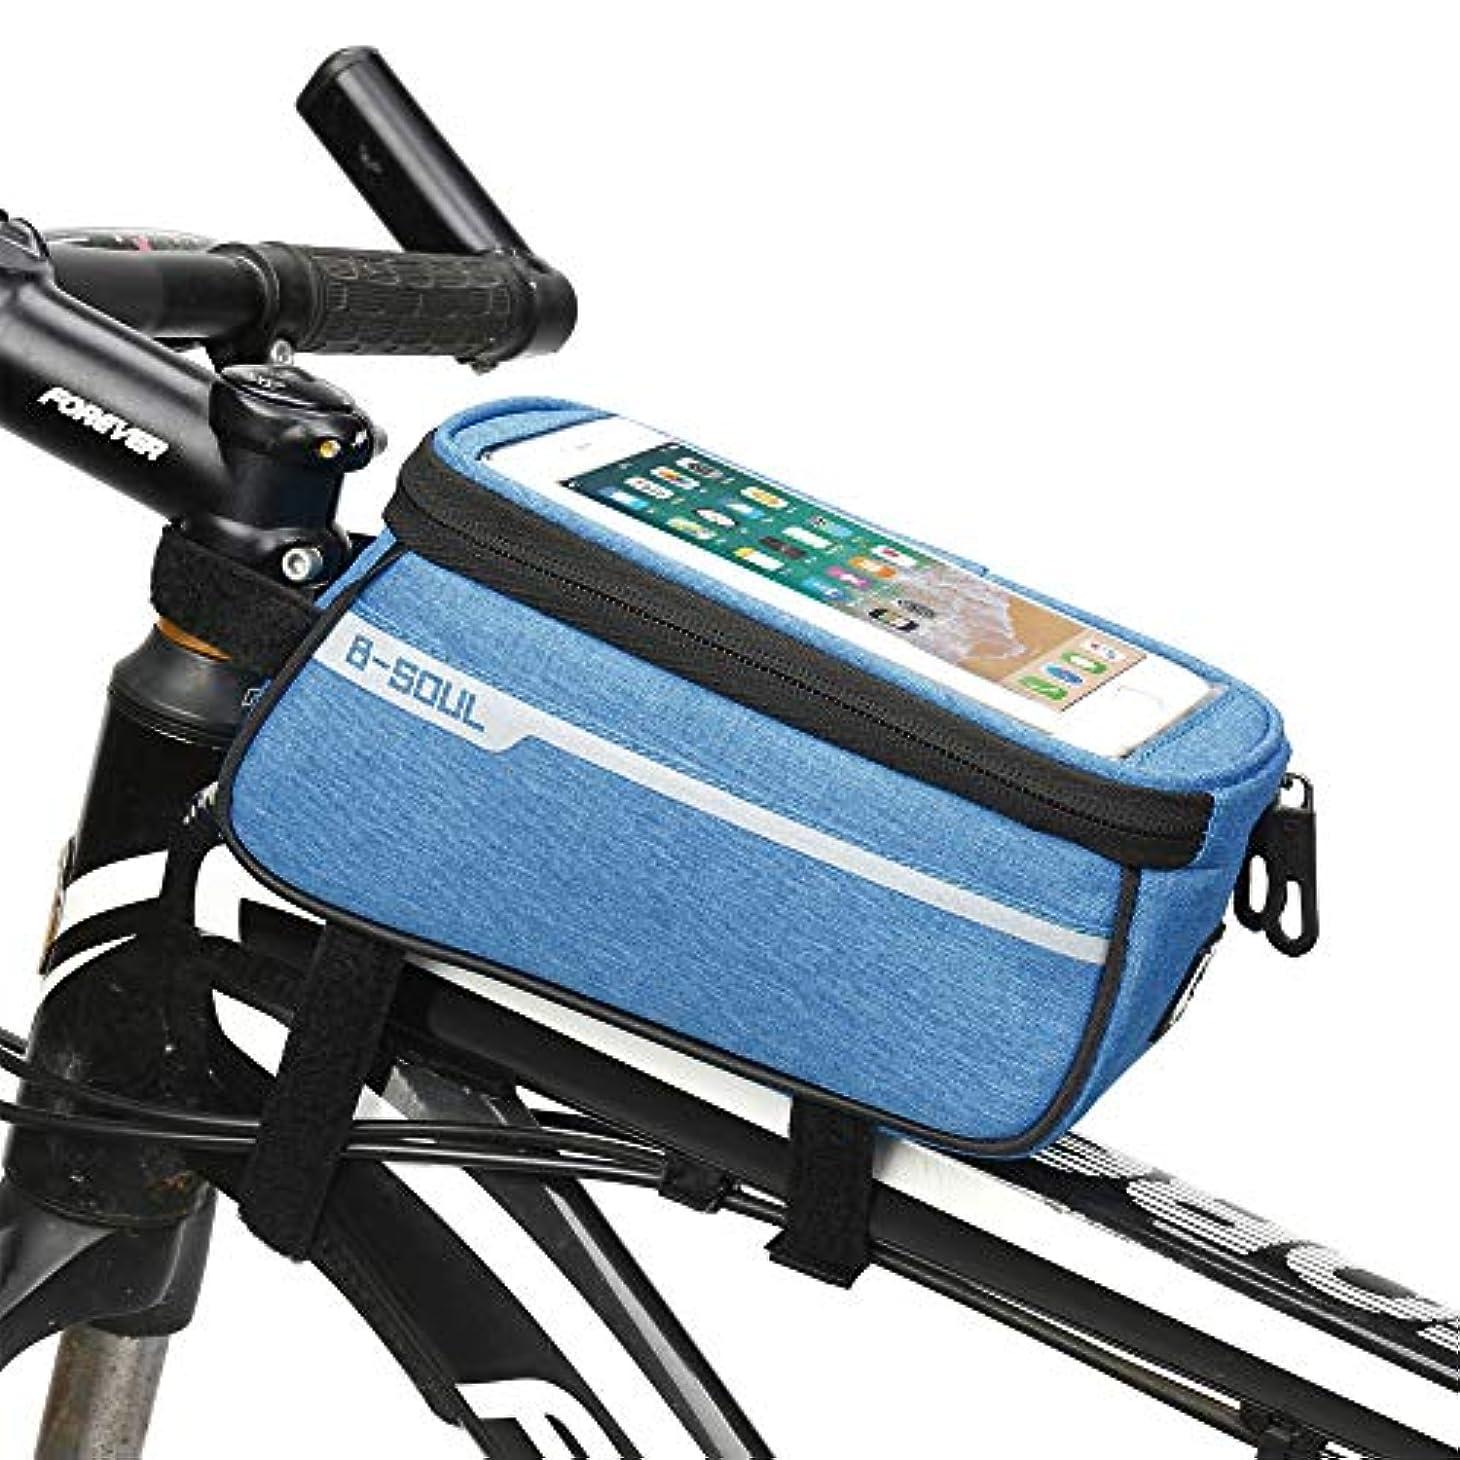 最初は別れる高度な自転車サドルバッグマウンテンバイクバッグフロントビームバッグ自転車バッグロードカーフロントバッグ乗馬用品サドルバッグチューブバッグ サドルバッグ?フレームバッグ (色 : 青)